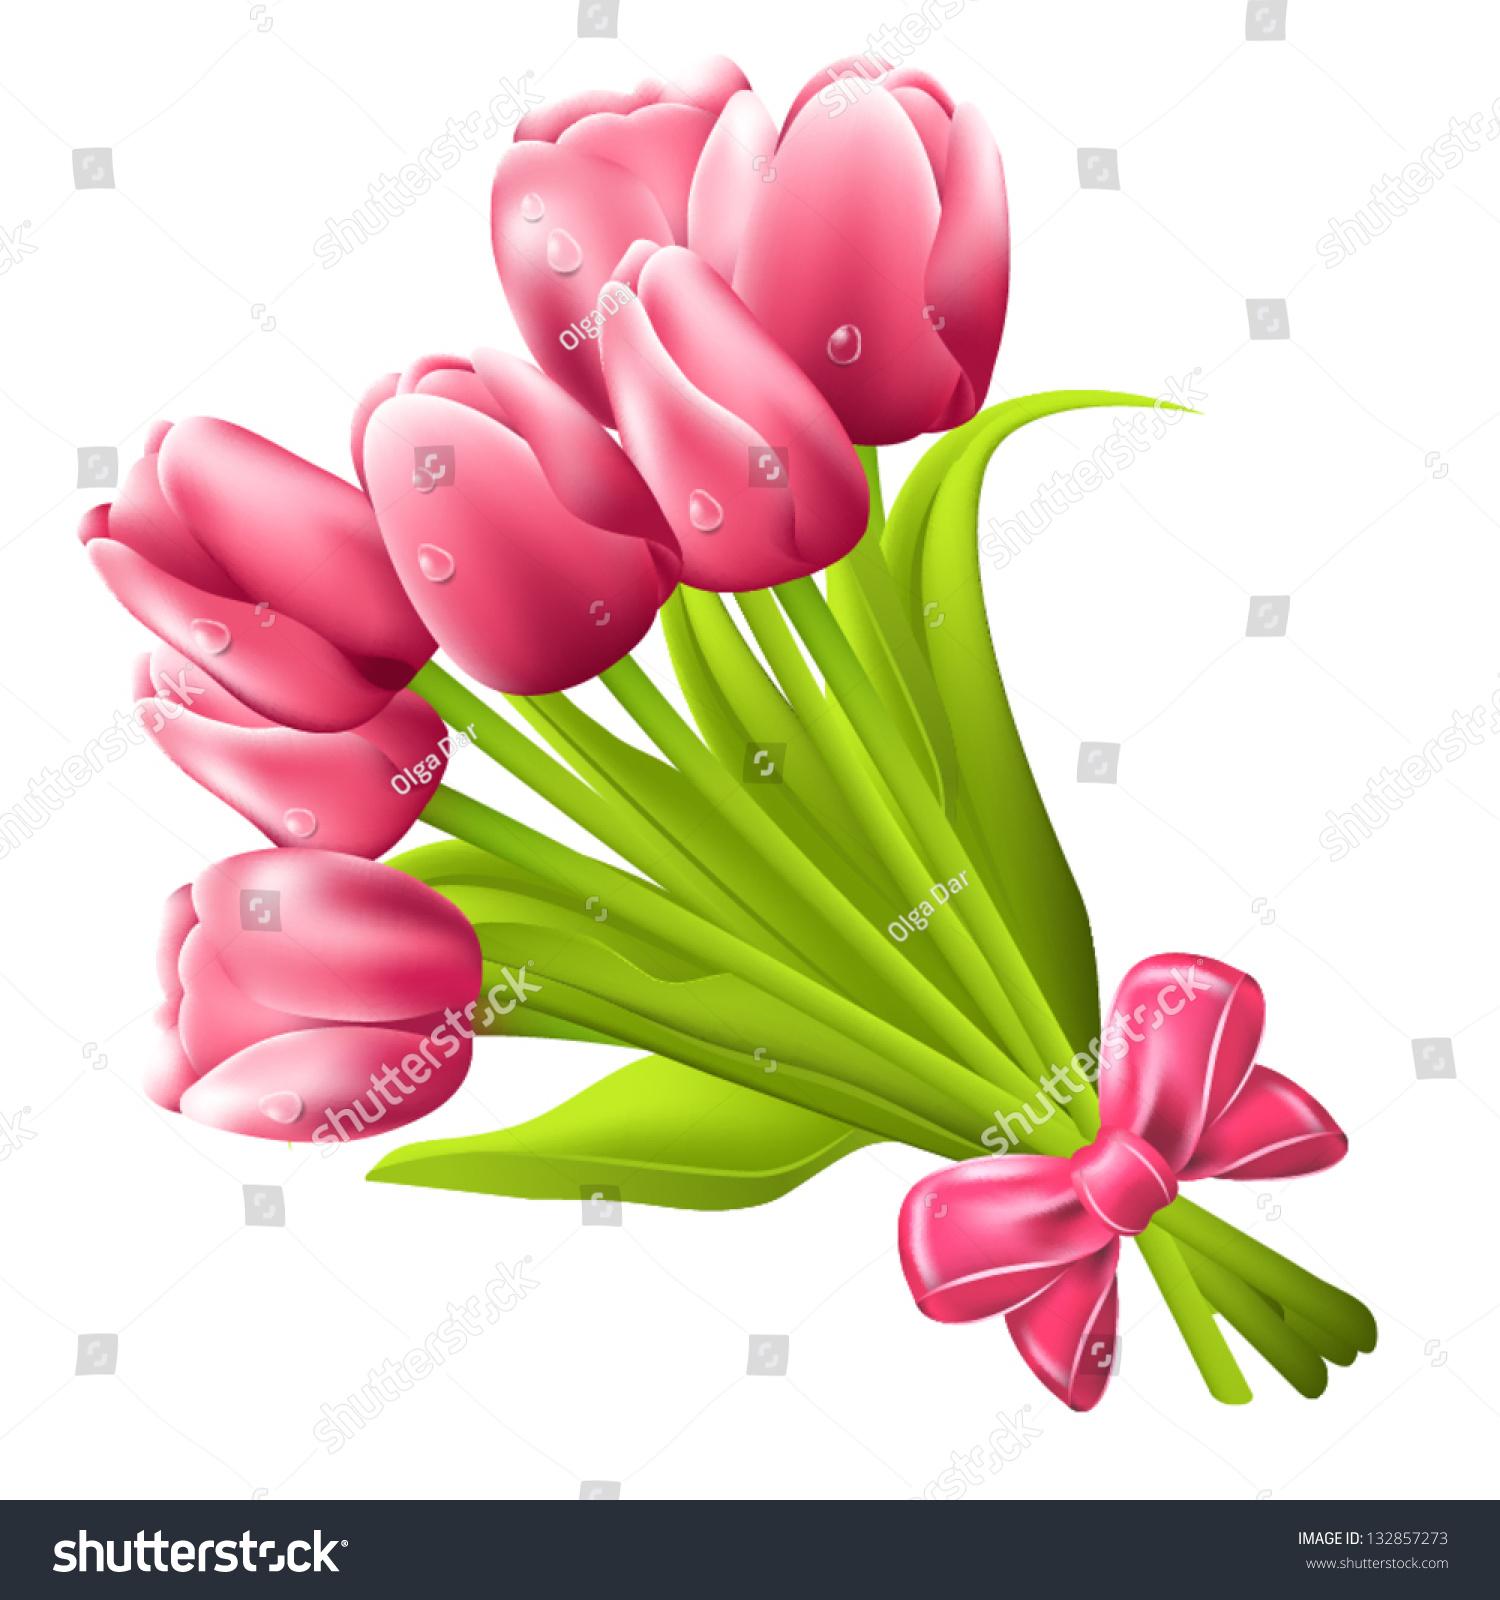 Tulip bouquet clipart 5 » Clipart Station.